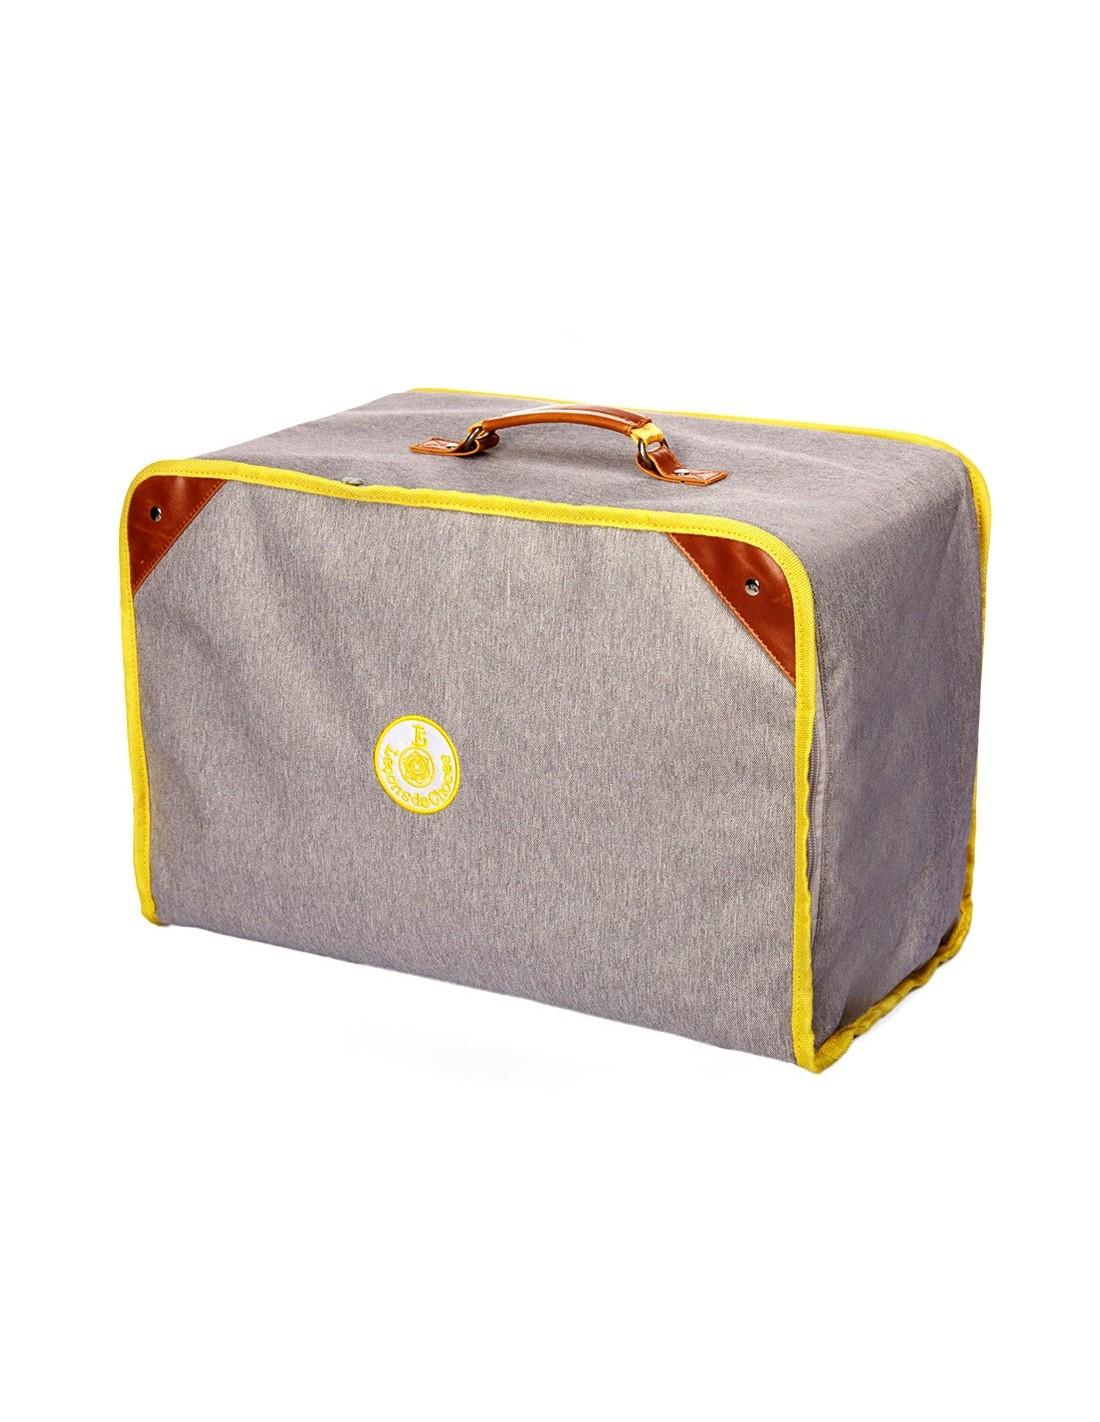 grande malle caisse de rangement gris jaune le ons de choses. Black Bedroom Furniture Sets. Home Design Ideas